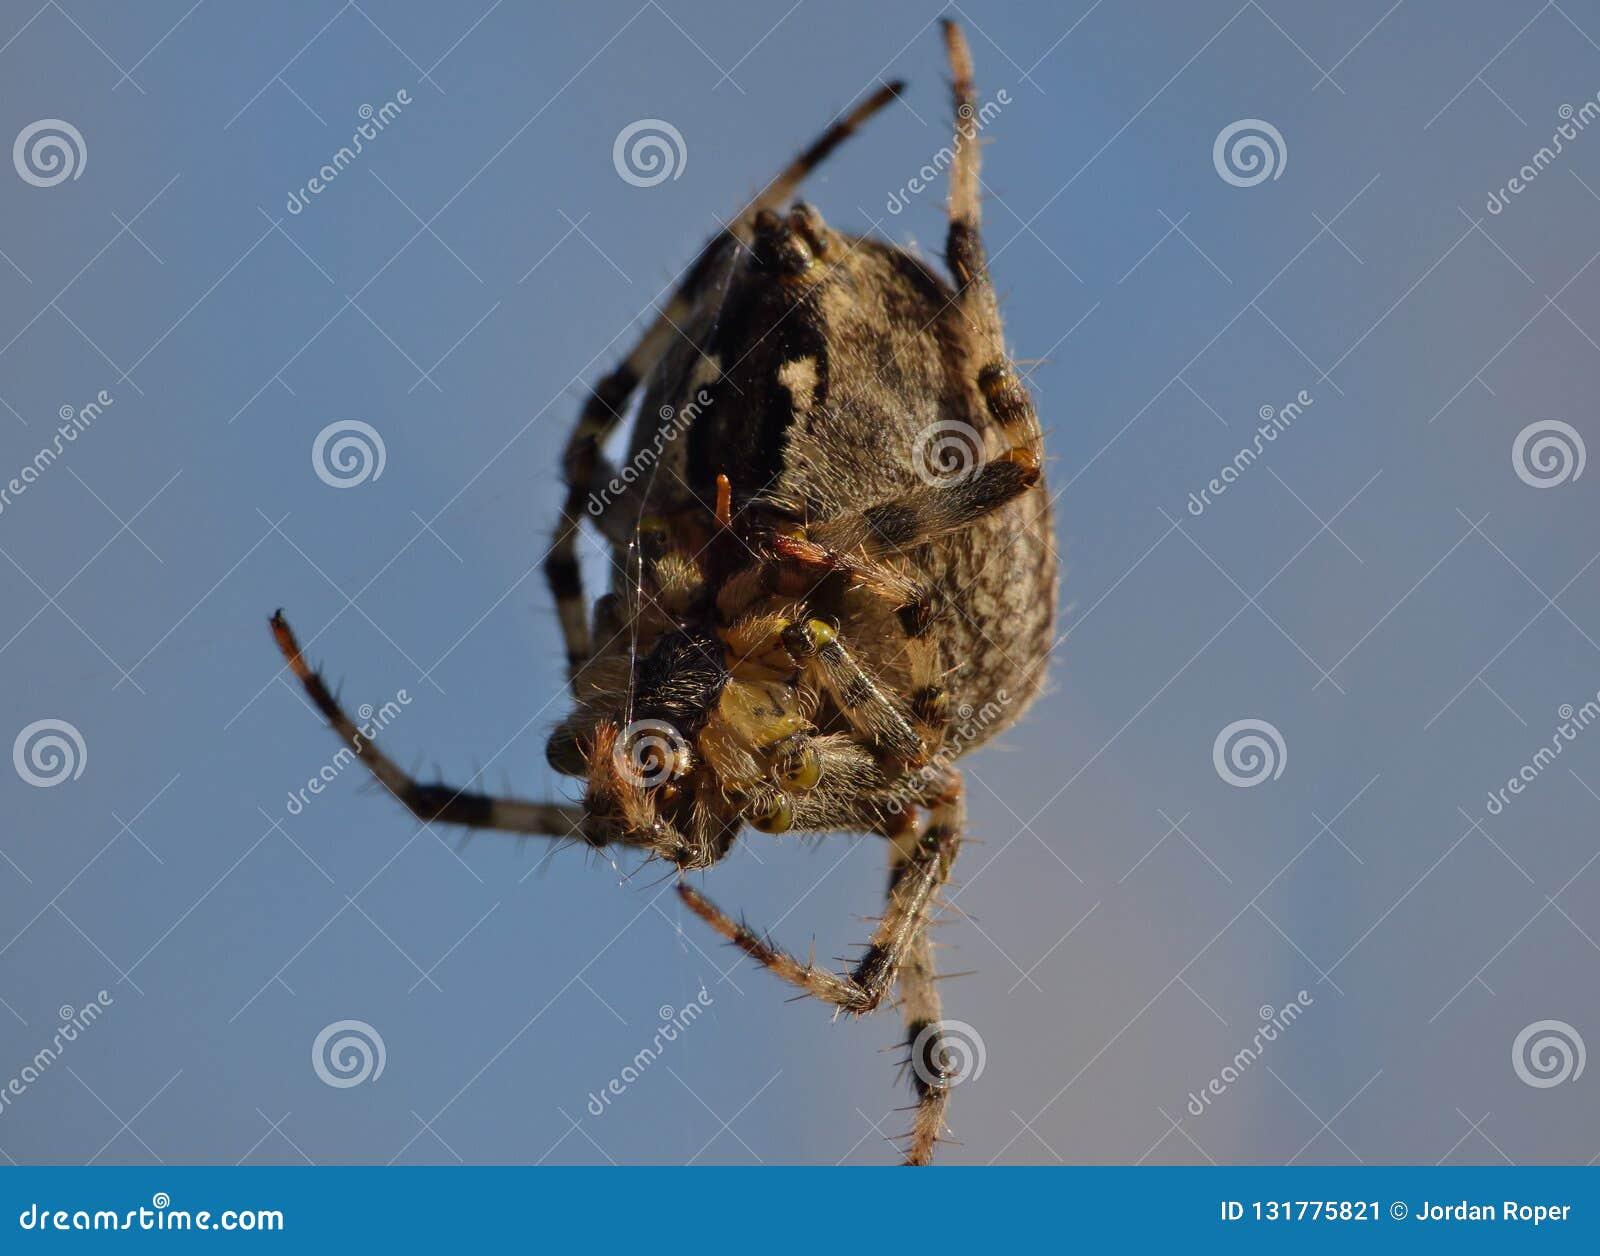 Fim macro acima de uma aranha int jardina, foto recolhida o Reino Unido